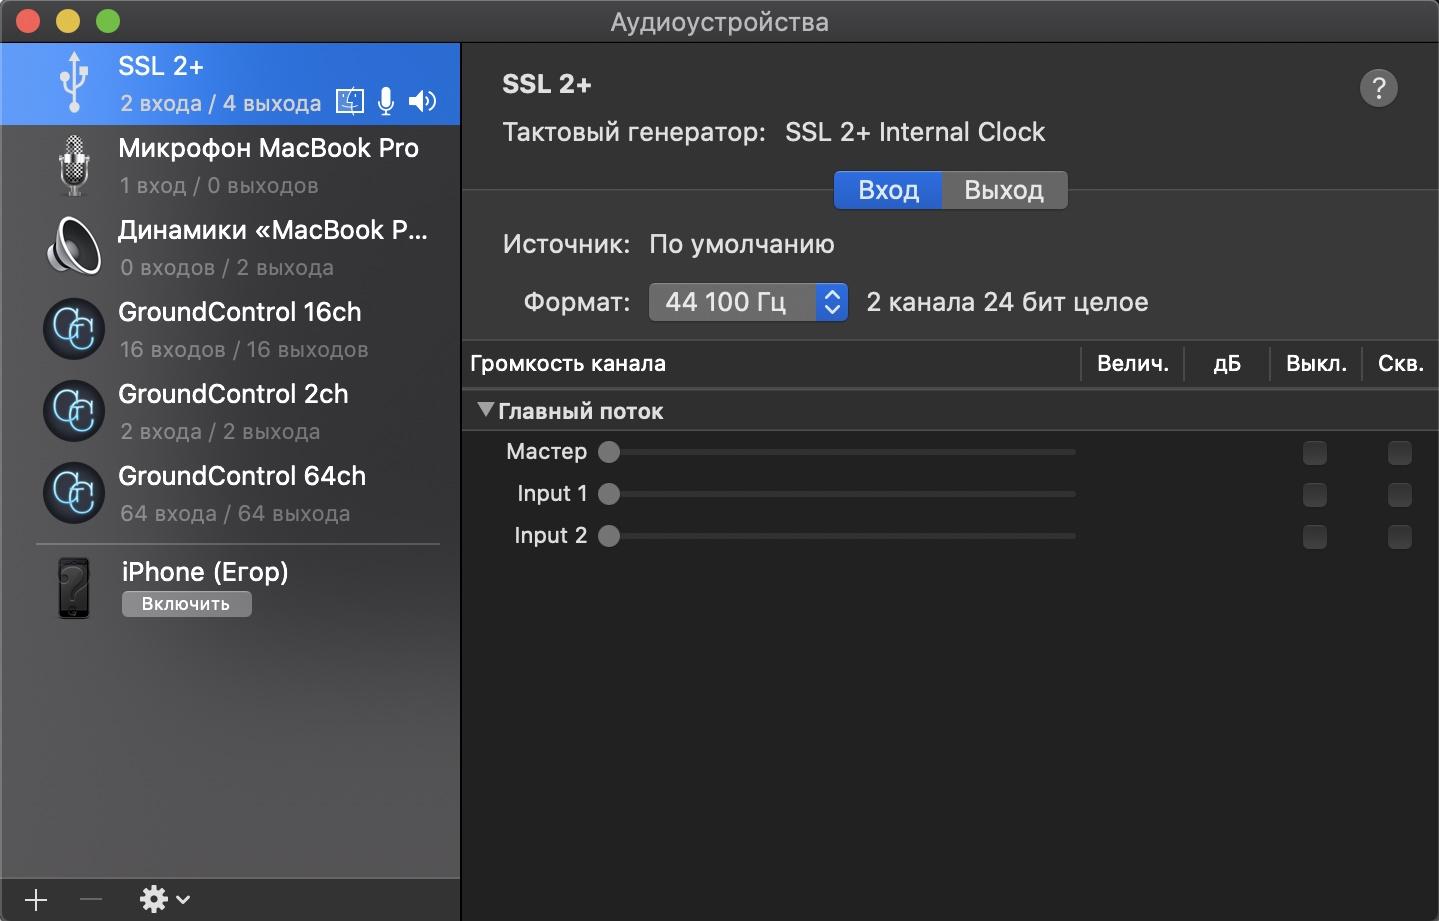 SSL 2+ в macOS